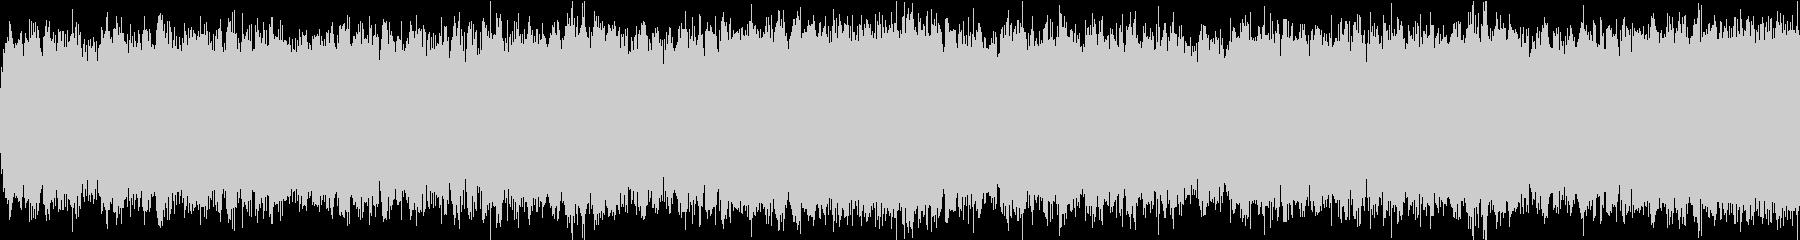 緊迫のバトル オーケストラ風   ループの未再生の波形